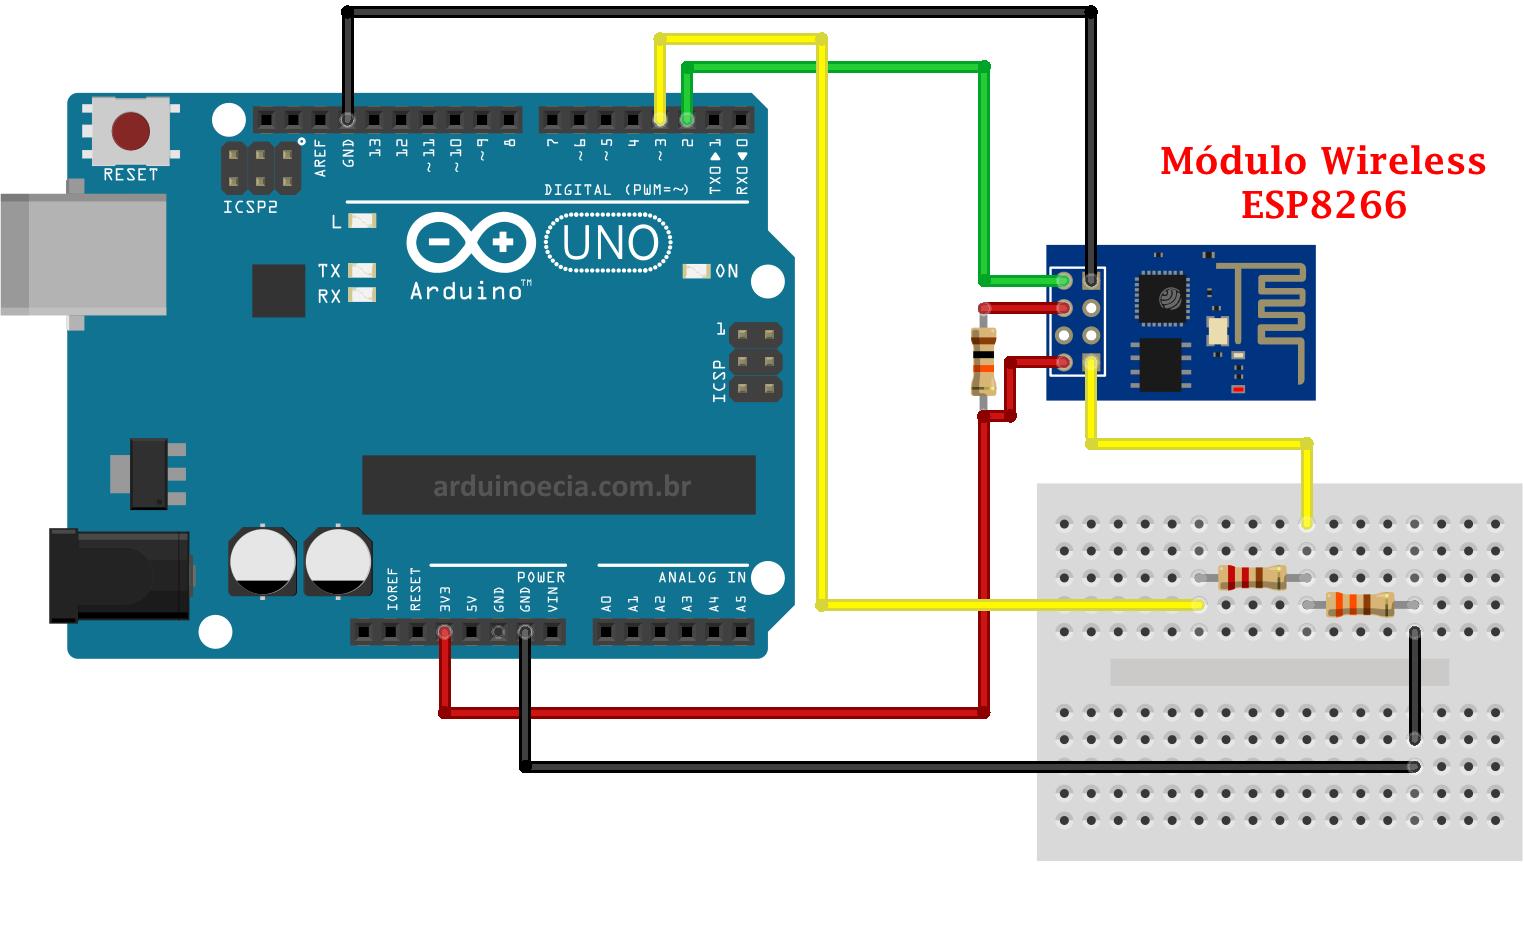 4db66cce62f Conecte o Arduino na rede wireless 802.11 com o módulo ESP8266 ...